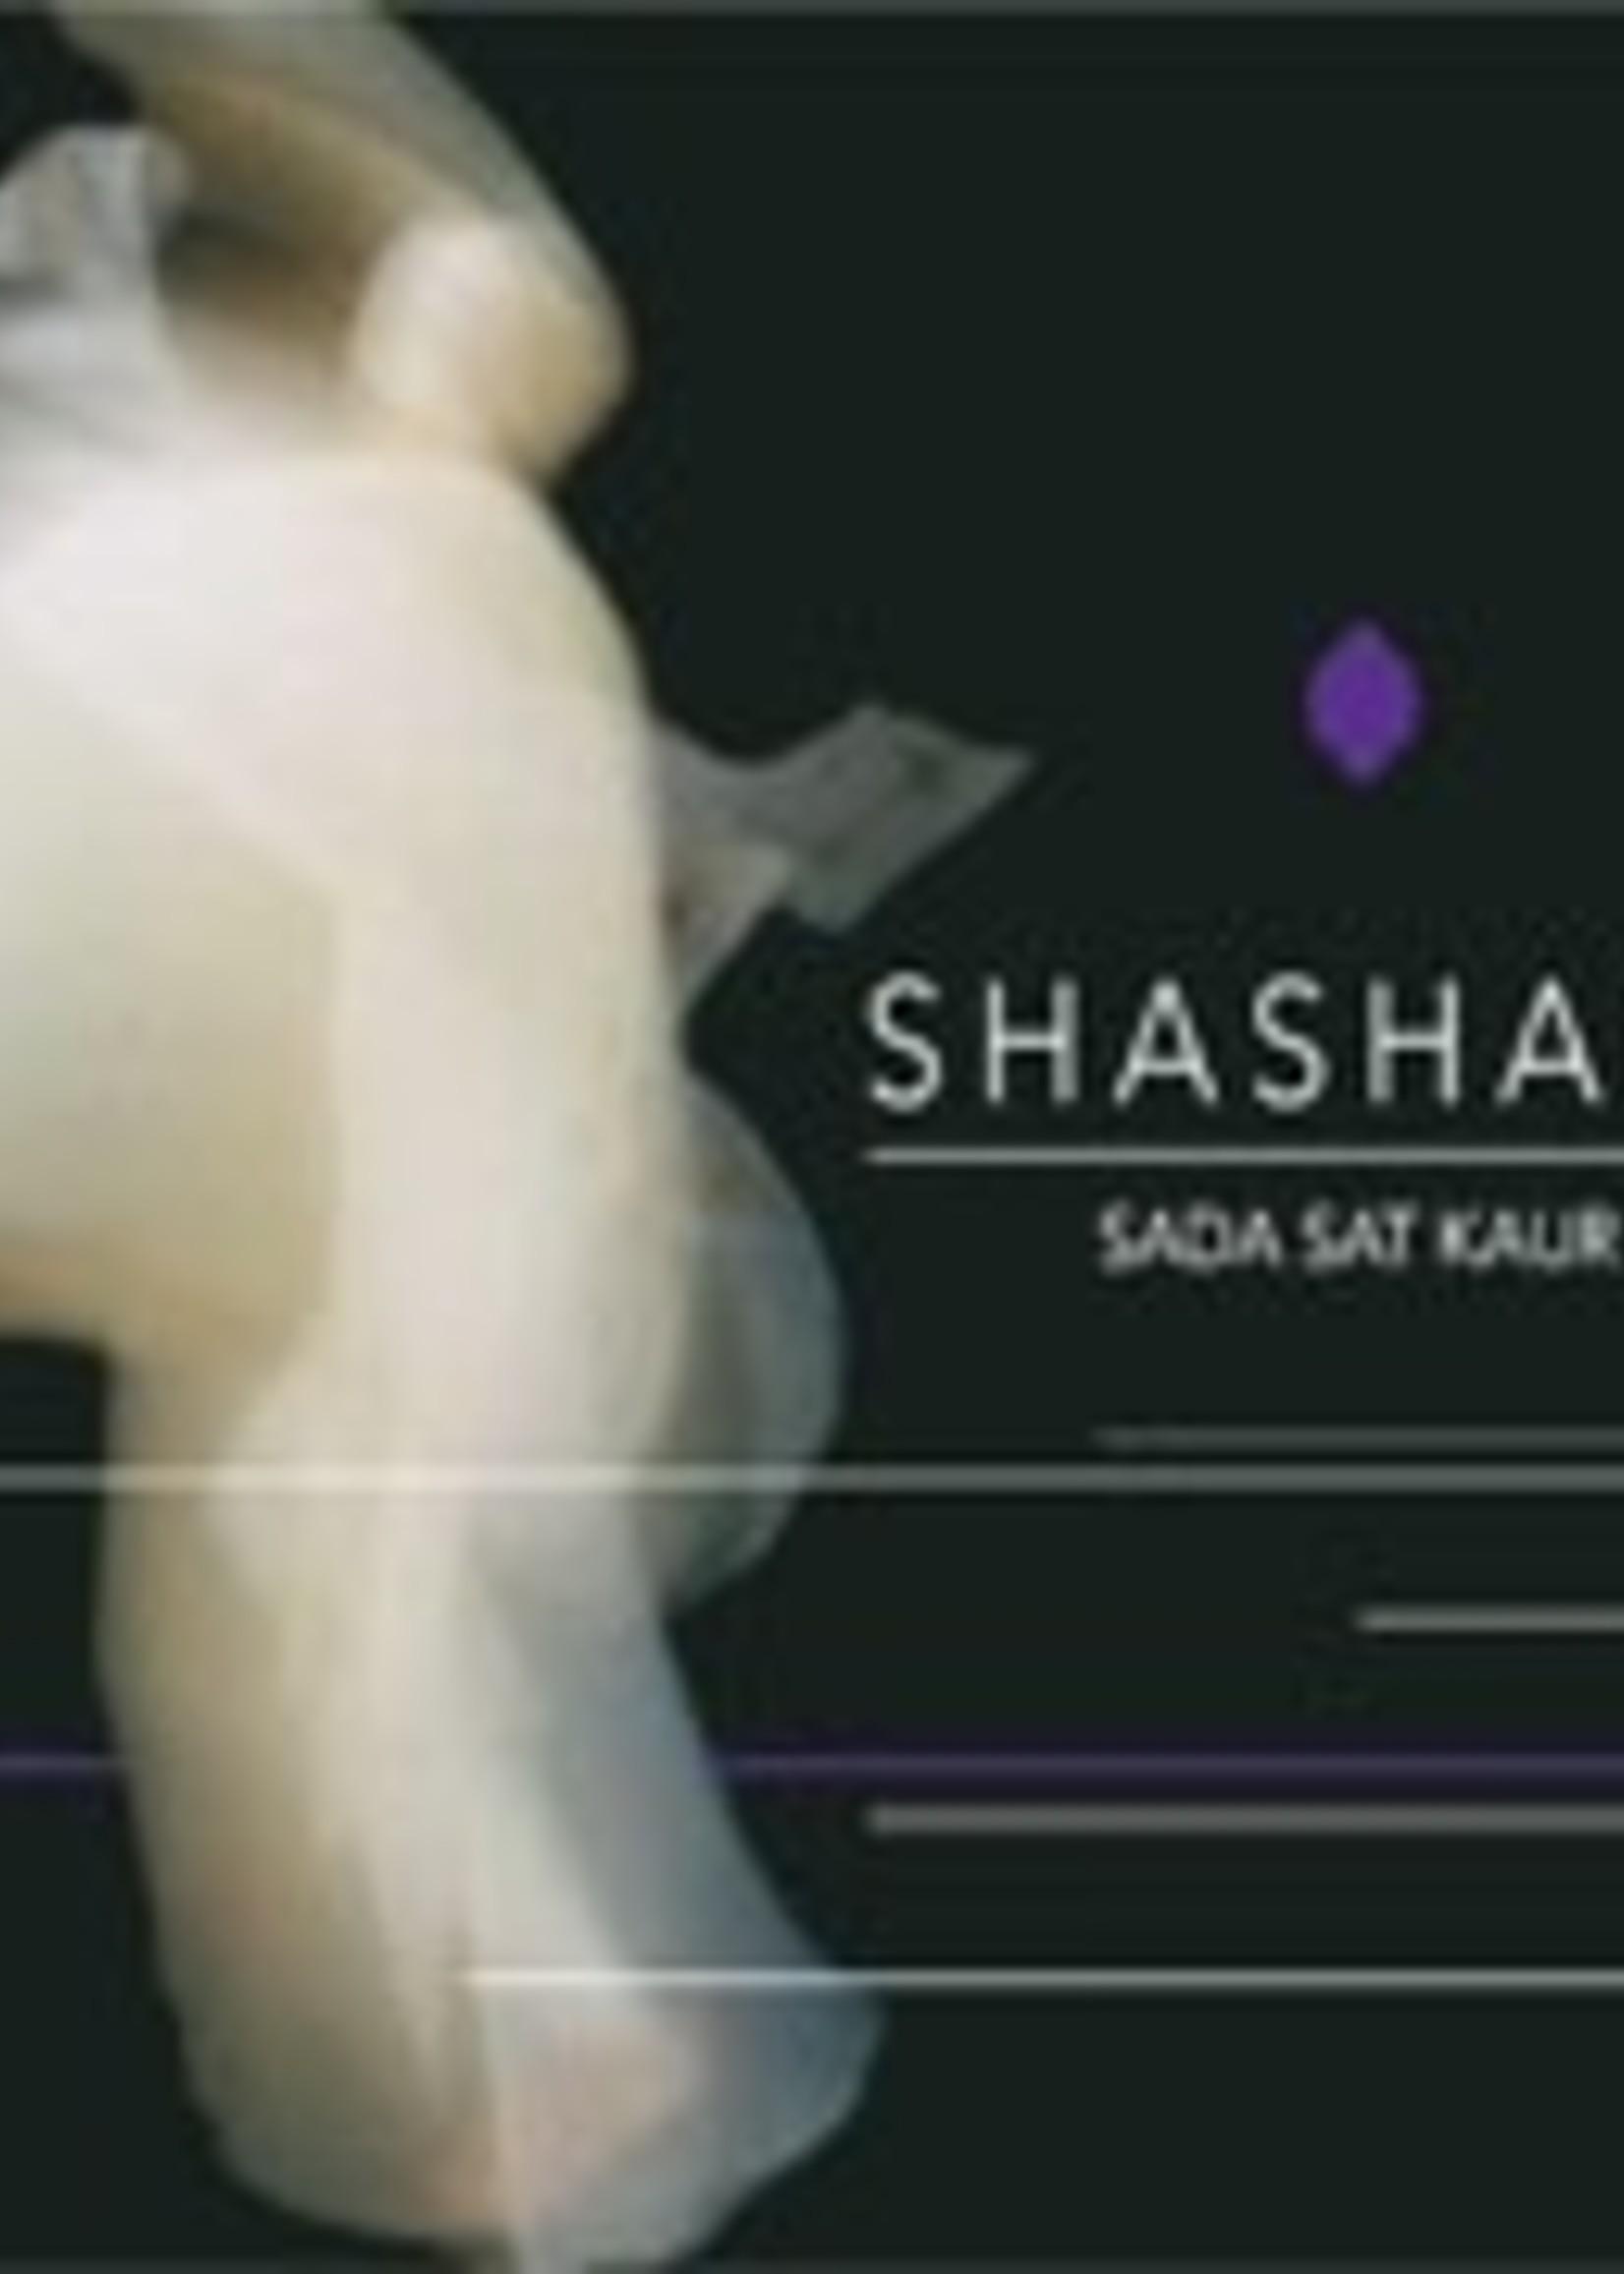 Sada Sat Kaur Shashara